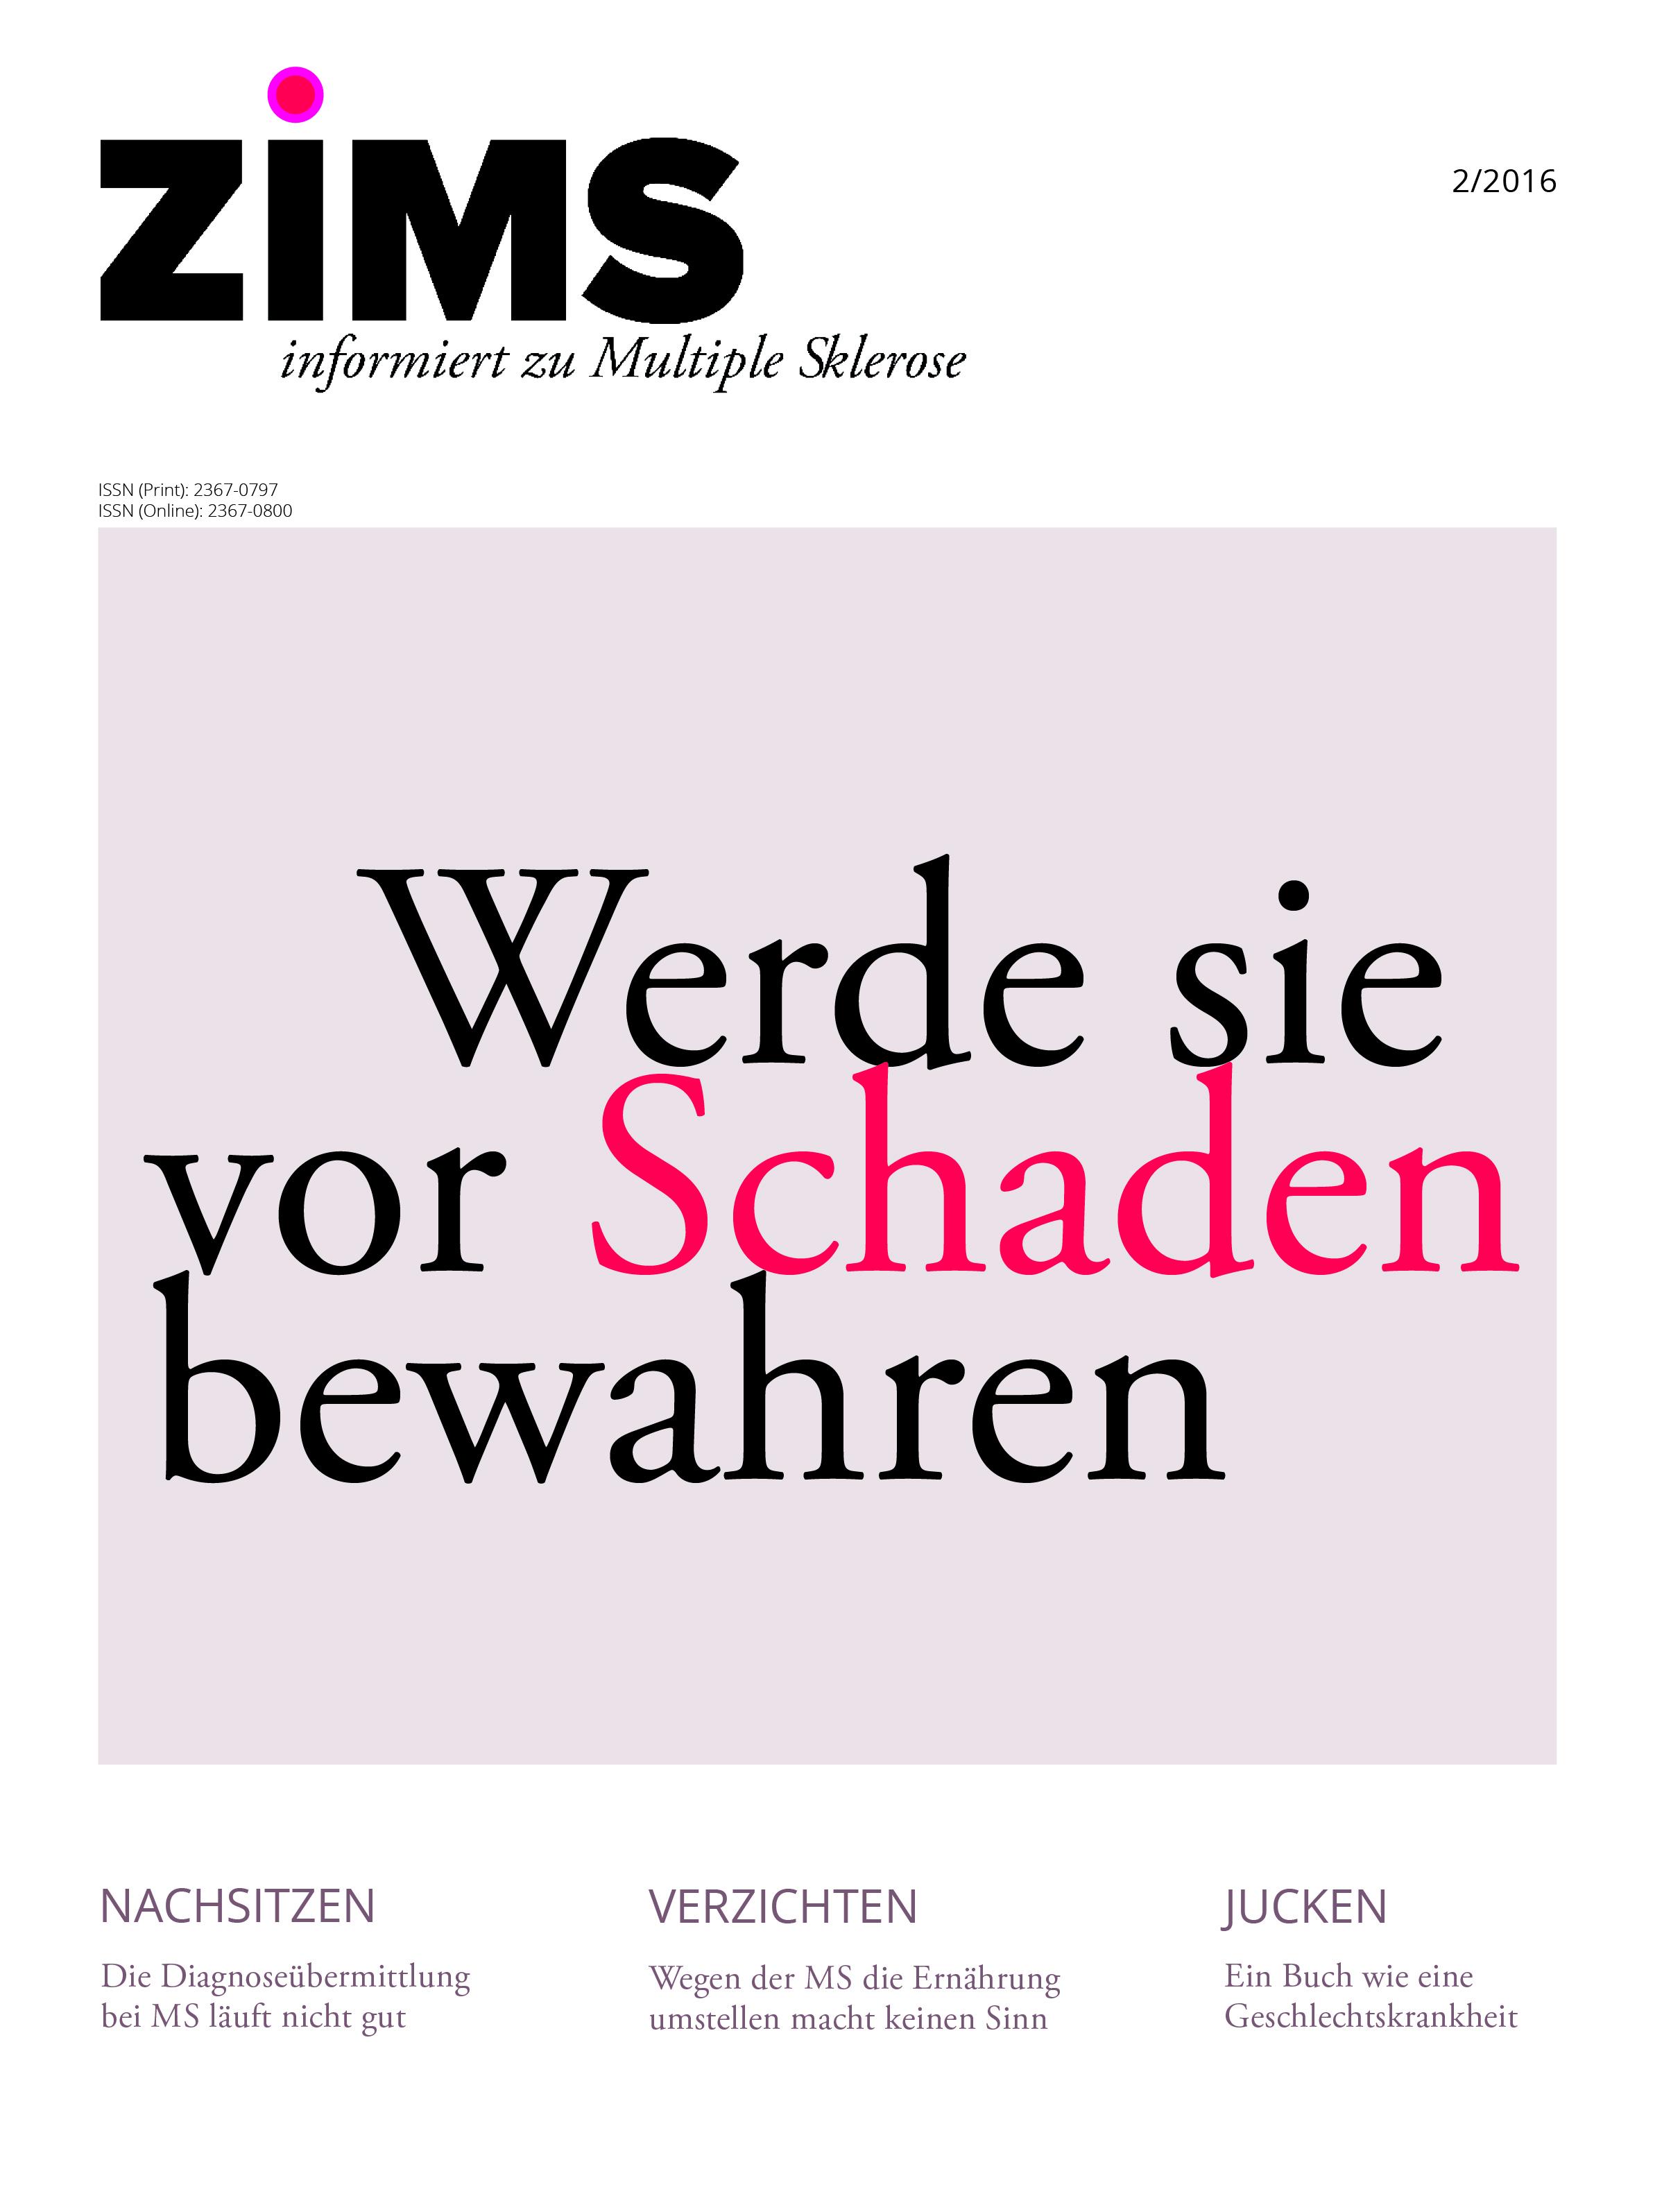 ZIMS 3 (ms-stiftung-trier.de/zims-magazin/)